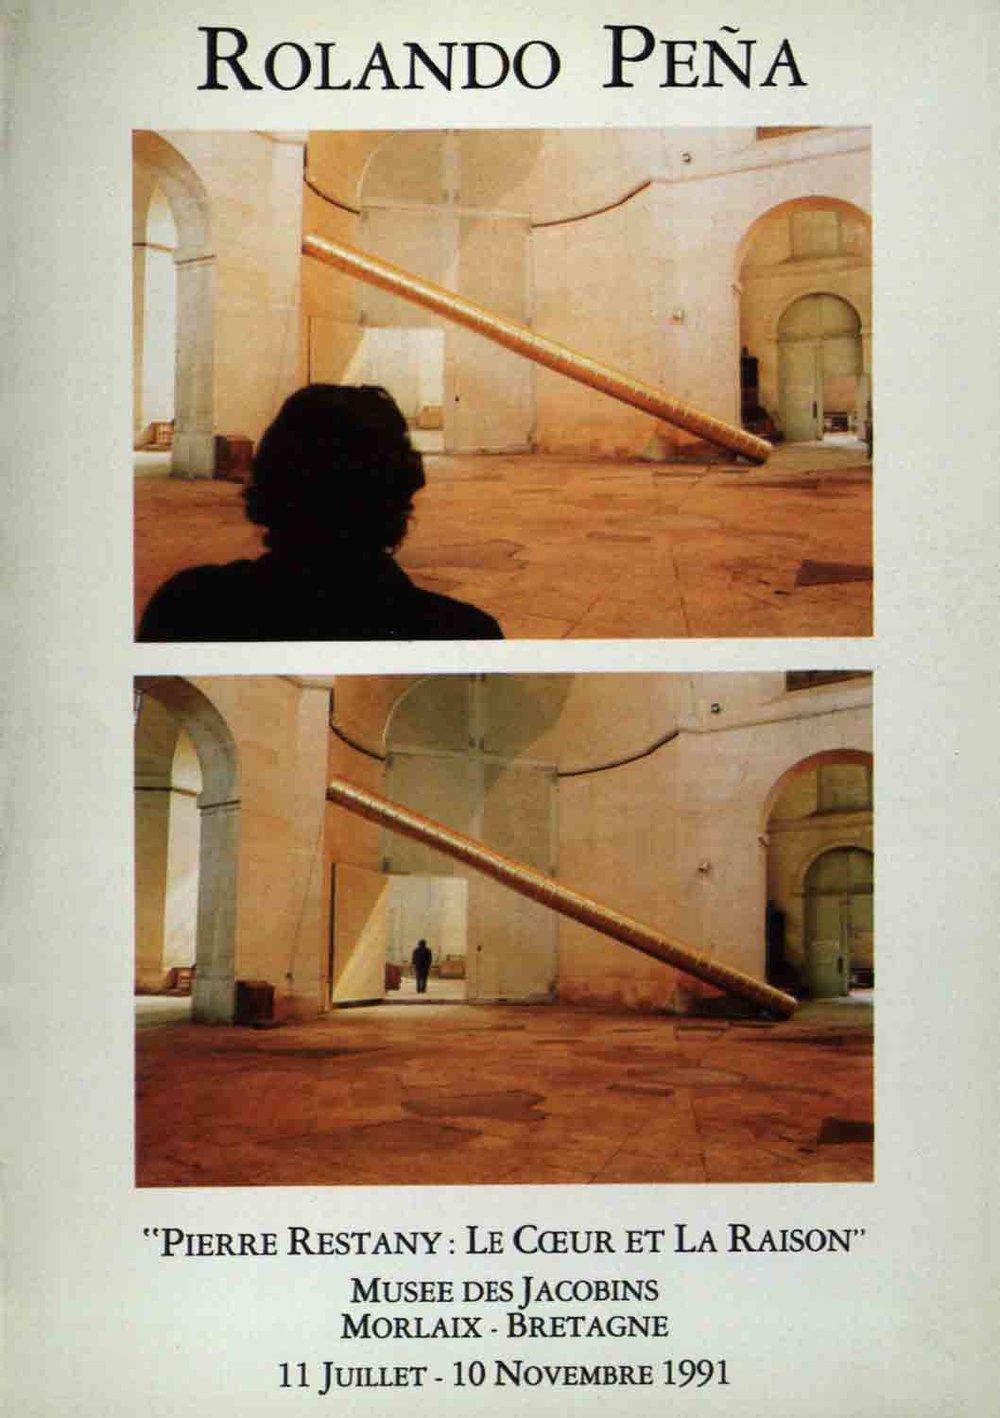 02_Collective_Le-Coeur-et-la-raison_Museé-des-Jacobins_Poster_1991.jpg